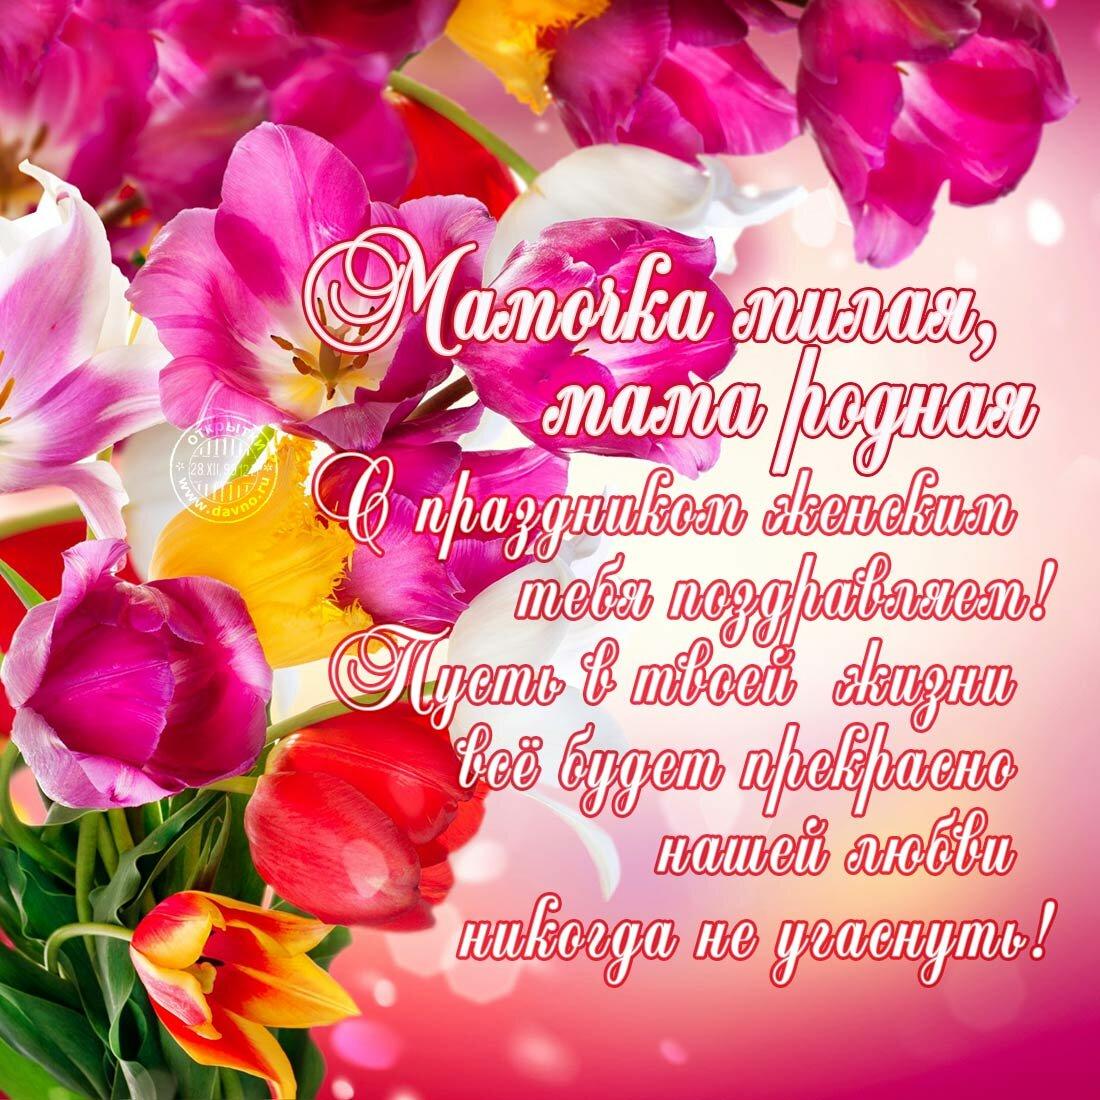 Поздравление в открытке с 8 марта маме